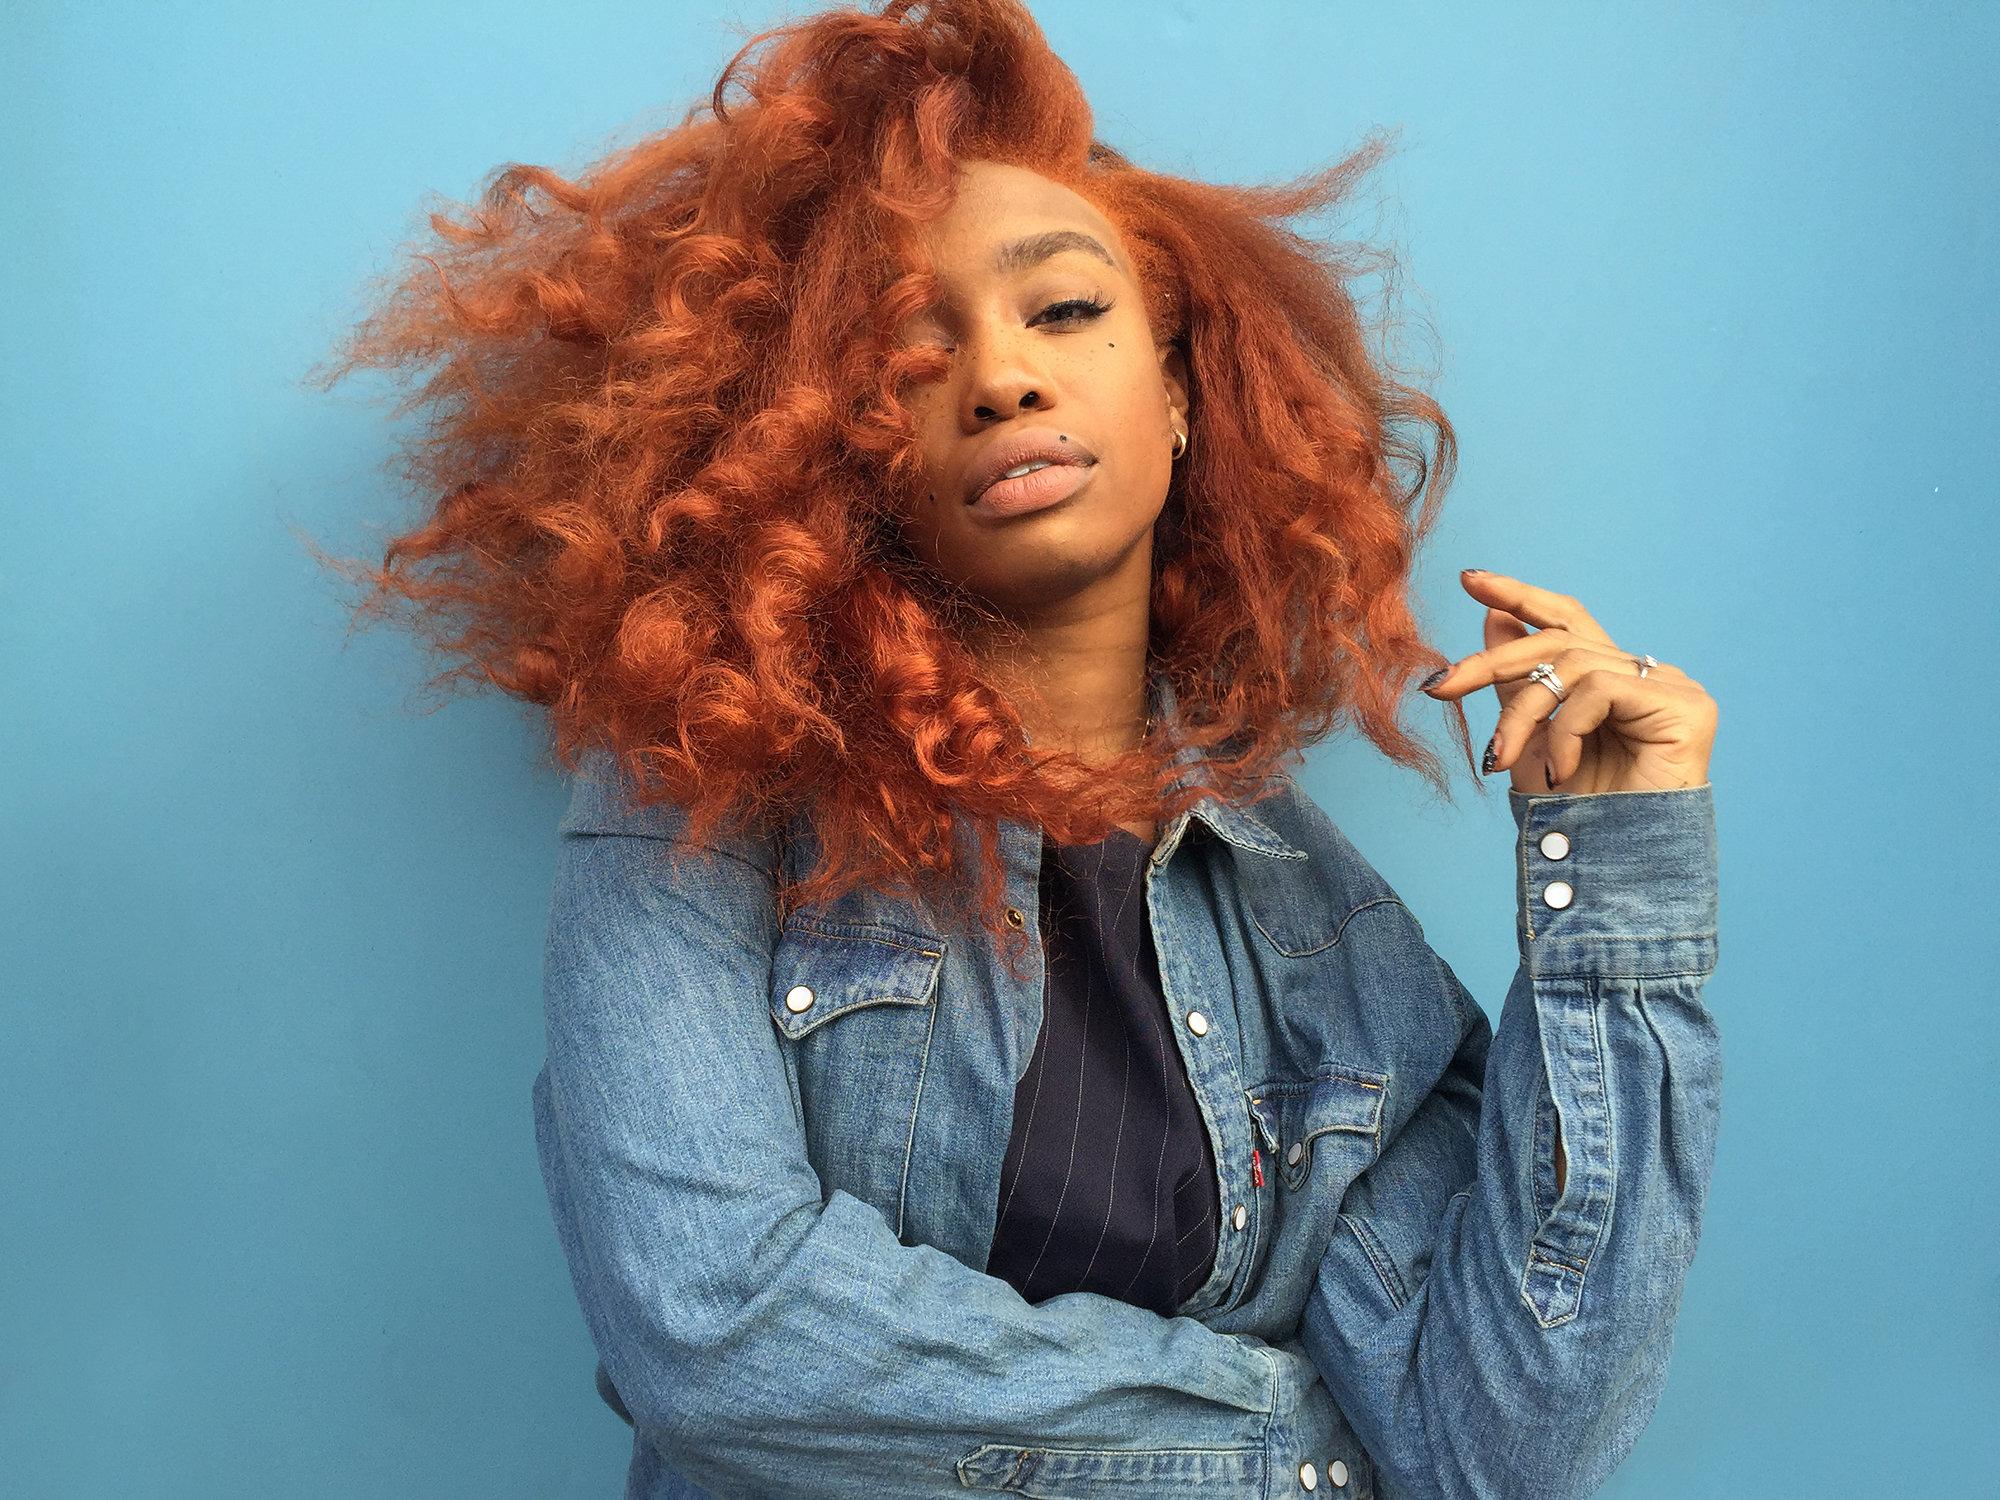 sza orange hair